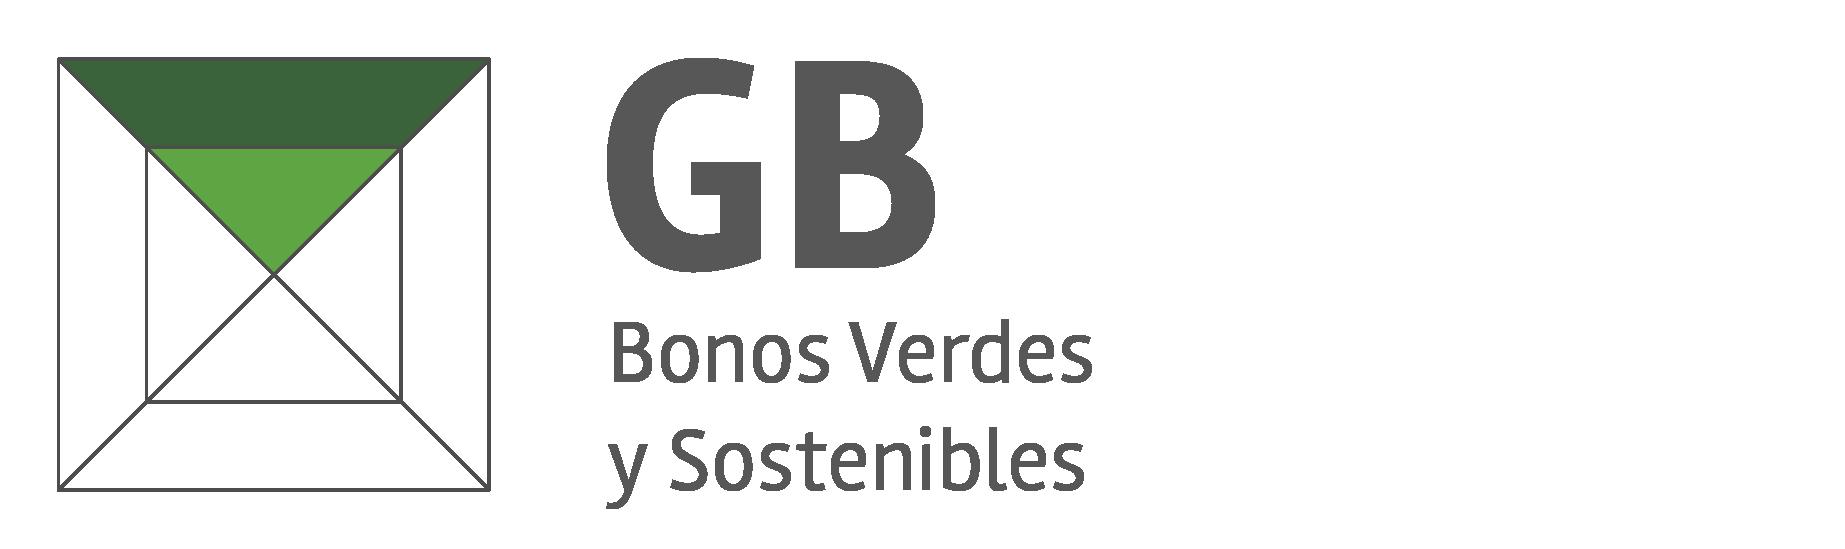 Bonos Verdes y Sostenibles - GB